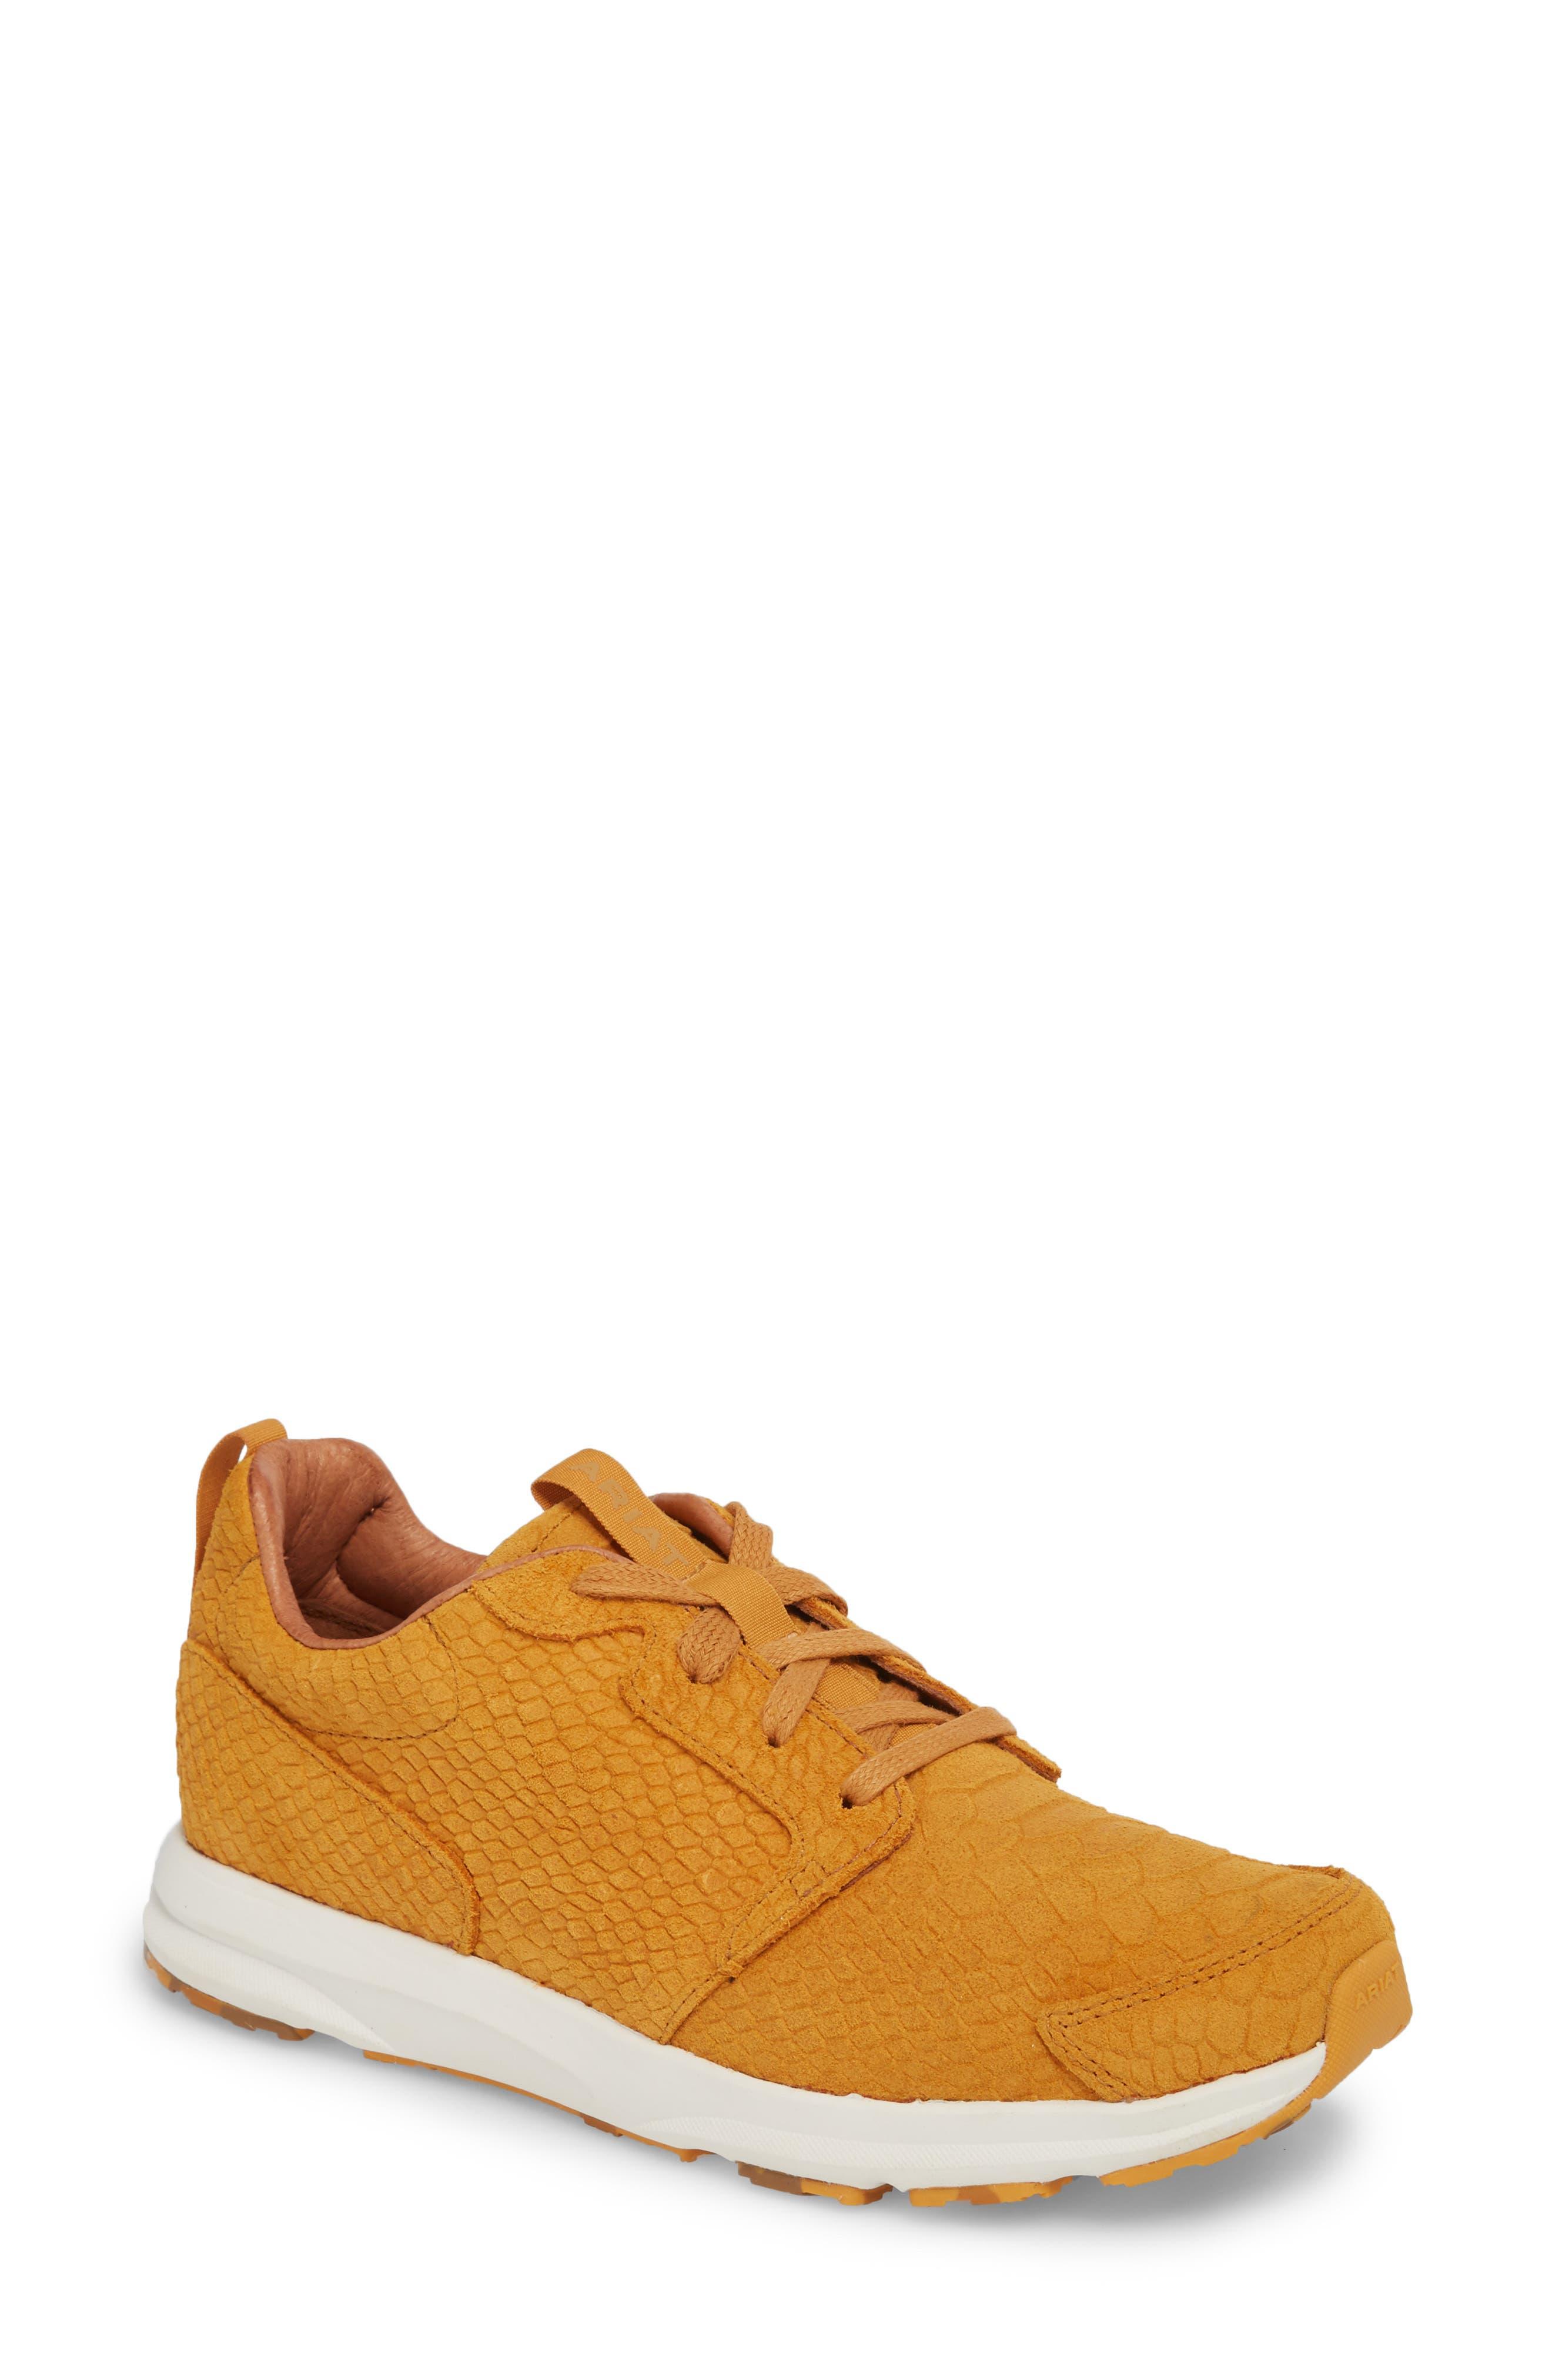 Fusion Sneaker,                         Main,                         color, 700